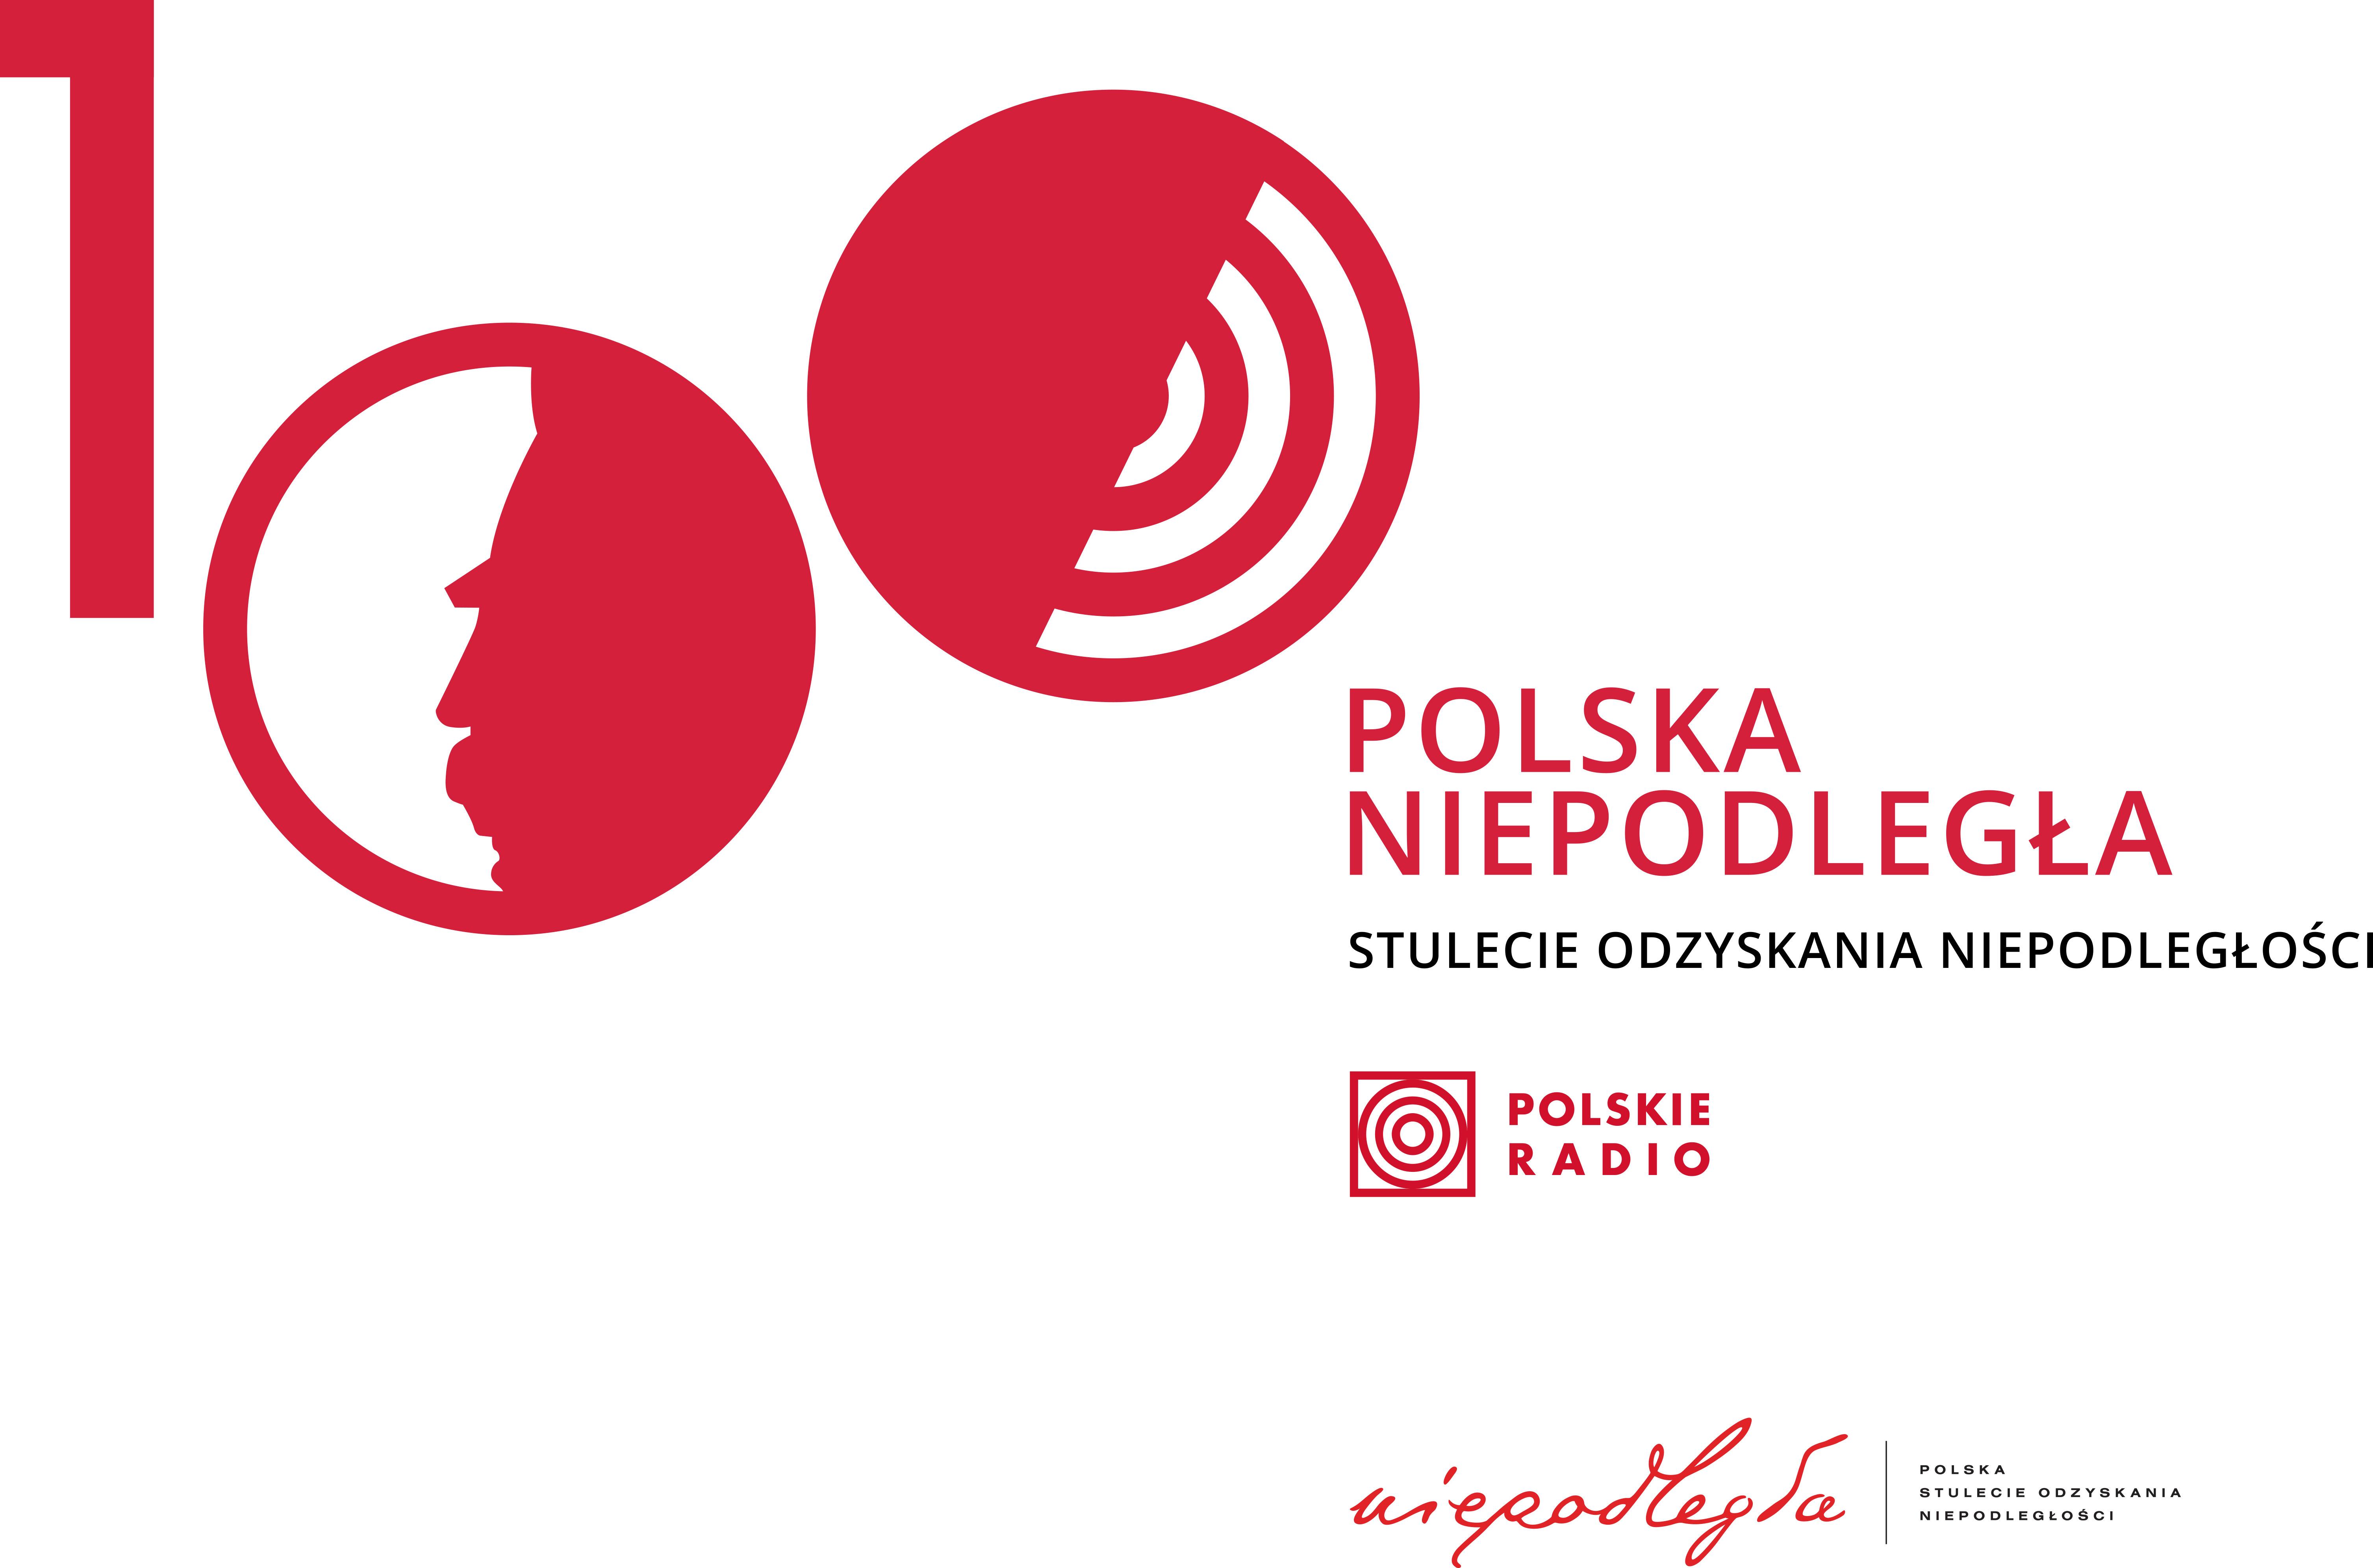 logo okolicznościowego portalu Polskiego Radia